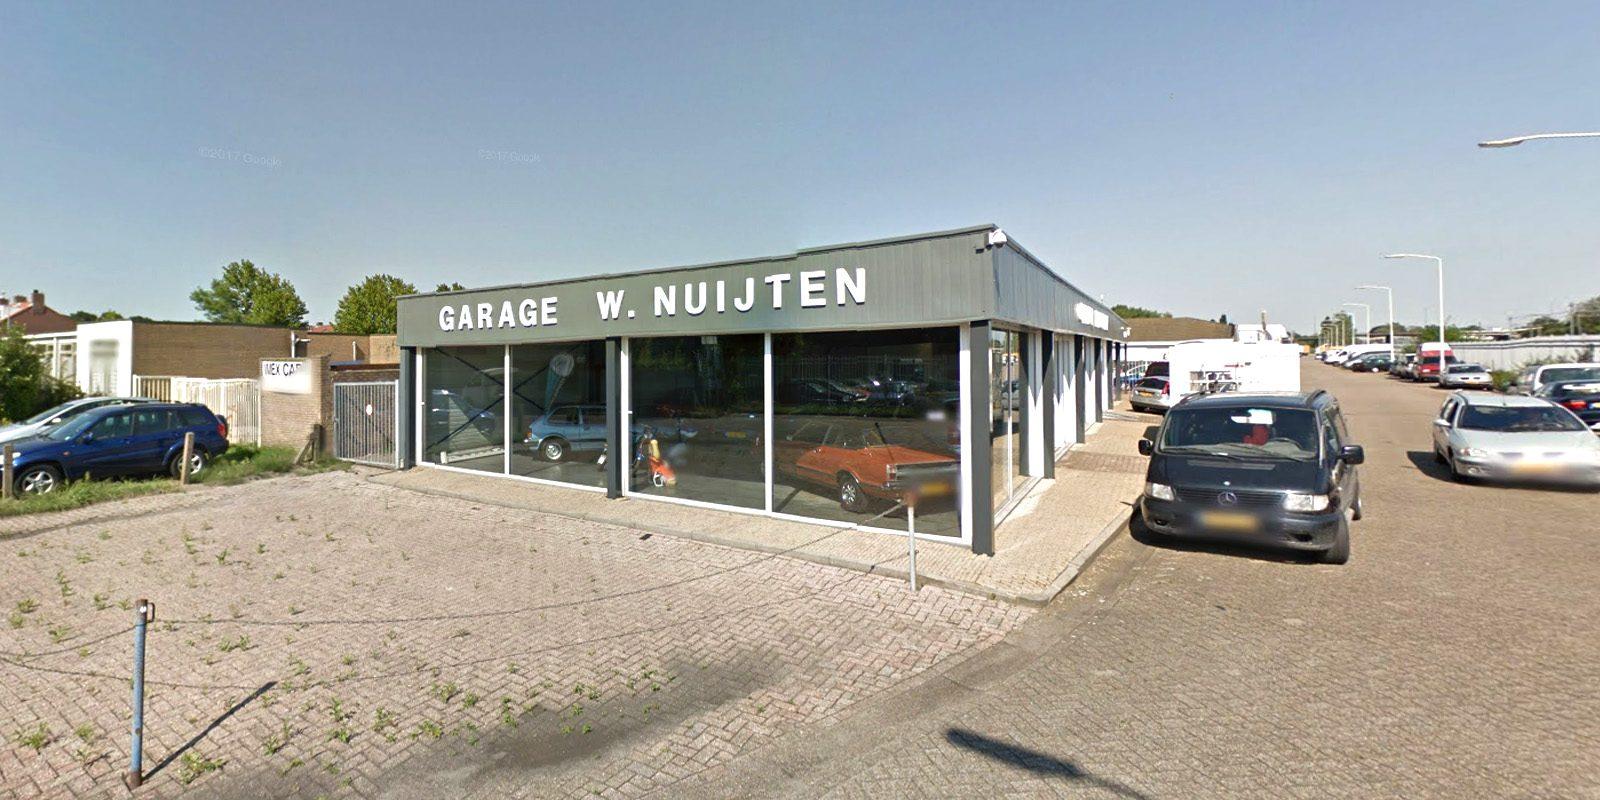 Autobedrijf Wim Nuijten